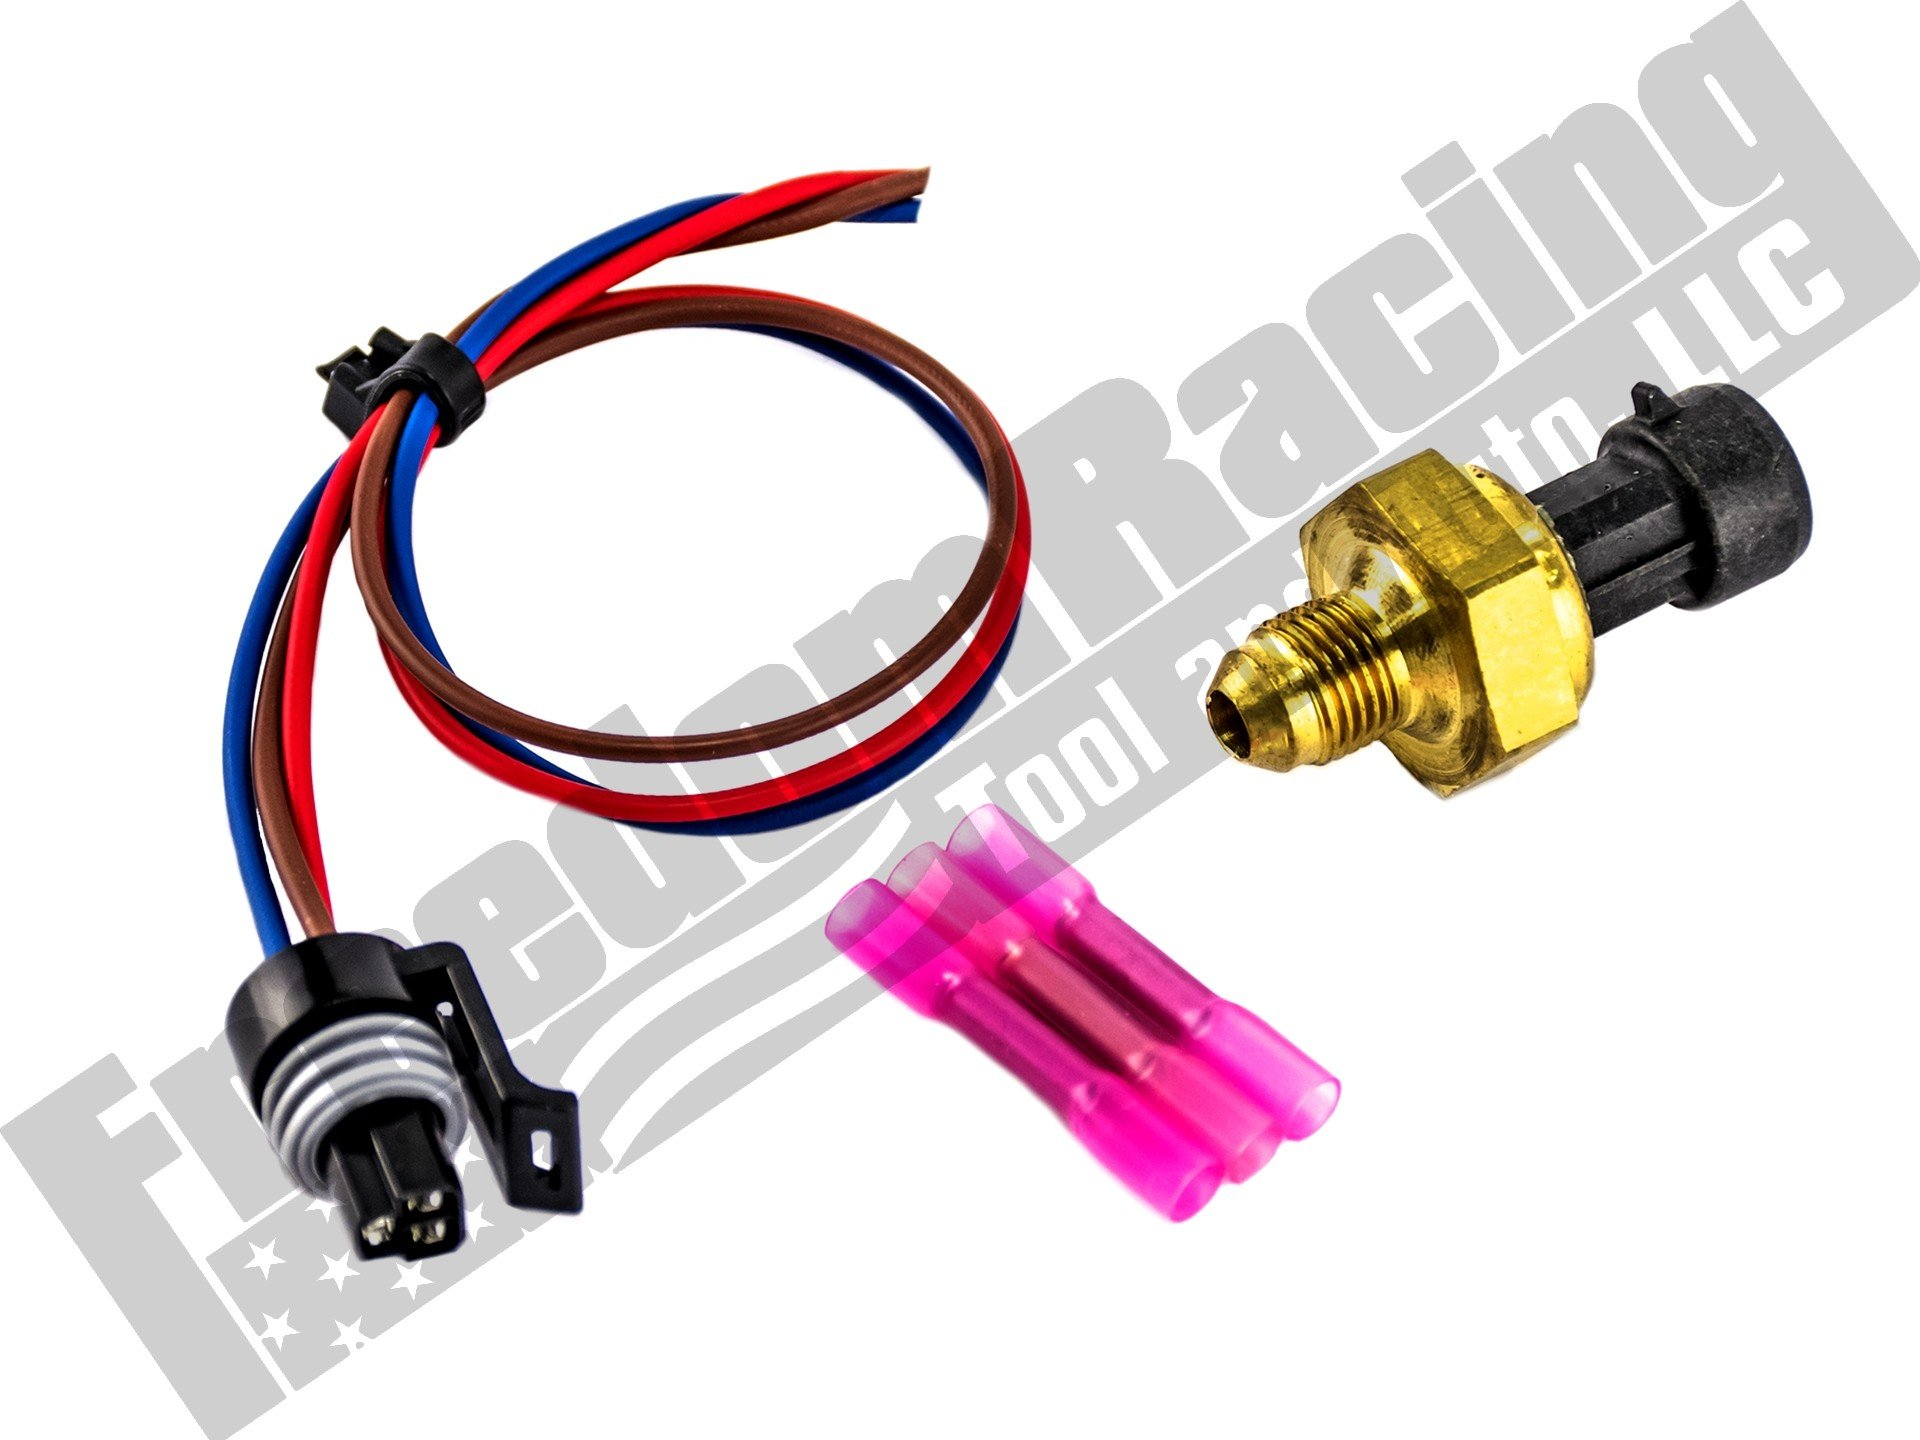 5c3z 9j460 b 1850352c1 6 0l powerstroke ebp exhaust back pressure sensor w 5c3z 12224 a pigtail alt